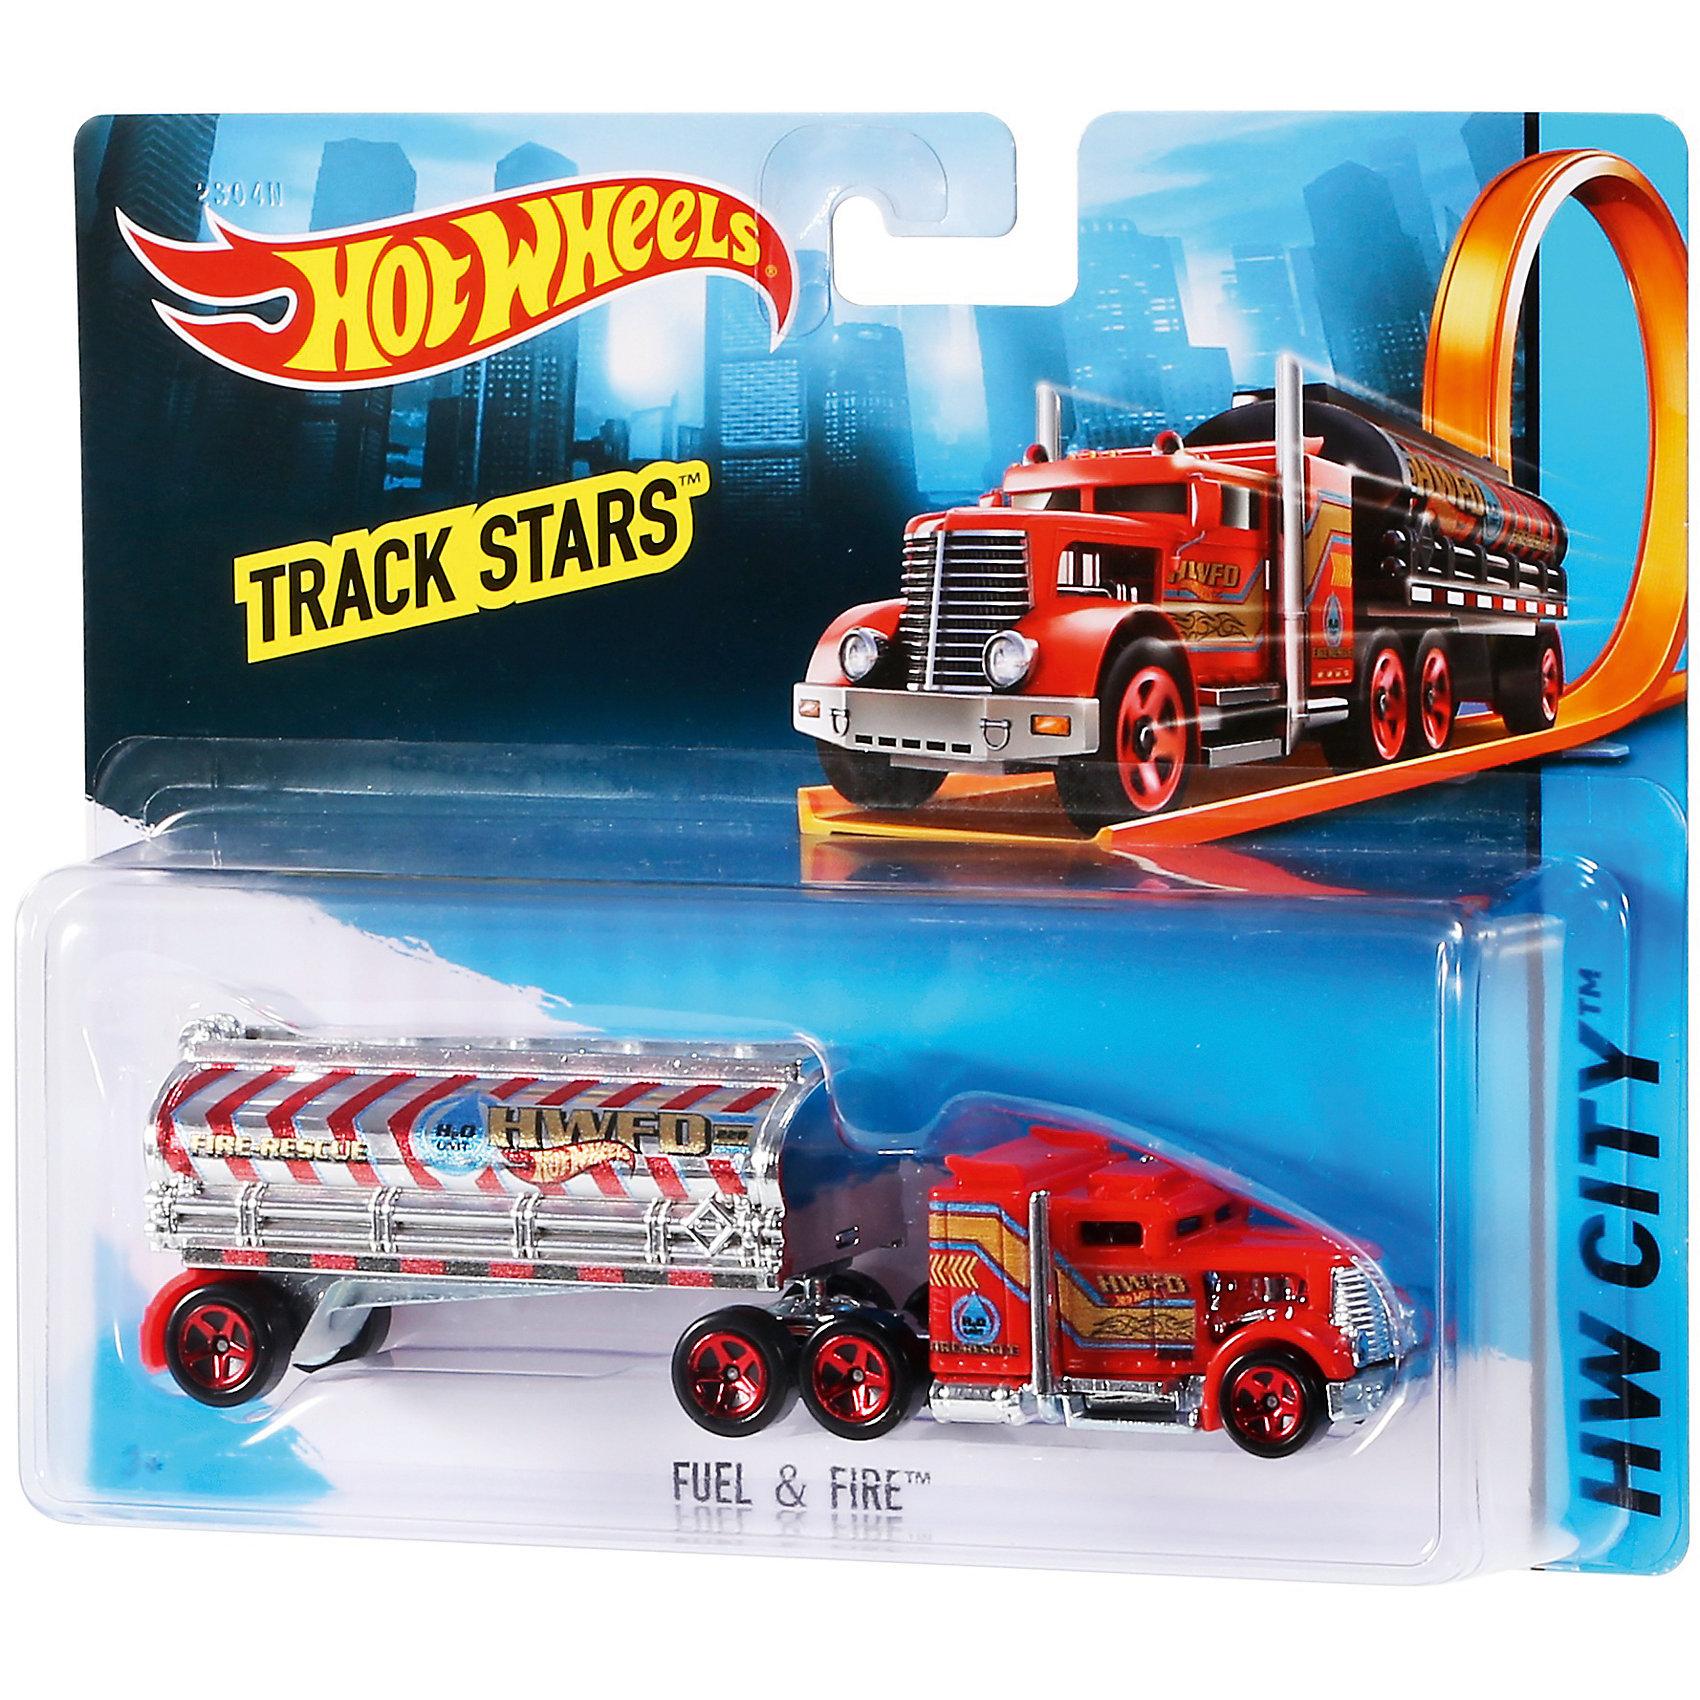 Трейлер базовой коллекции, Hot WheelsПопулярные игрушки<br>Характеристики товара:<br><br>• возраст: от 3 лет;<br>• материал: пластик, металл;<br>• длина трейлера: 28 см;<br>• размер упаковки: 13х11х4 см;<br>• вес упаковки: 126 гр.;<br>• страна производитель: Китай.<br><br>Трейлер базовой комплектации Hot Wheels Mattel — грузовик с прицепом, который может преодолевать разнообразные препятствия, петли, виражи, спуски. Прицеп выполнен из металла и выдержит даже большие нагрузки. В данной серии все прицепы универсальны, их можно подсоединять к другим грузовикам, создавая новые комбинации.<br><br>Трейлер базовой комплектации Hot Wheels Mattel можно приобрести в нашем интернет-магазине.<br><br>Ширина мм: 40<br>Глубина мм: 130<br>Высота мм: 110<br>Вес г: 126<br>Возраст от месяцев: 48<br>Возраст до месяцев: 96<br>Пол: Мужской<br>Возраст: Детский<br>SKU: 6771760